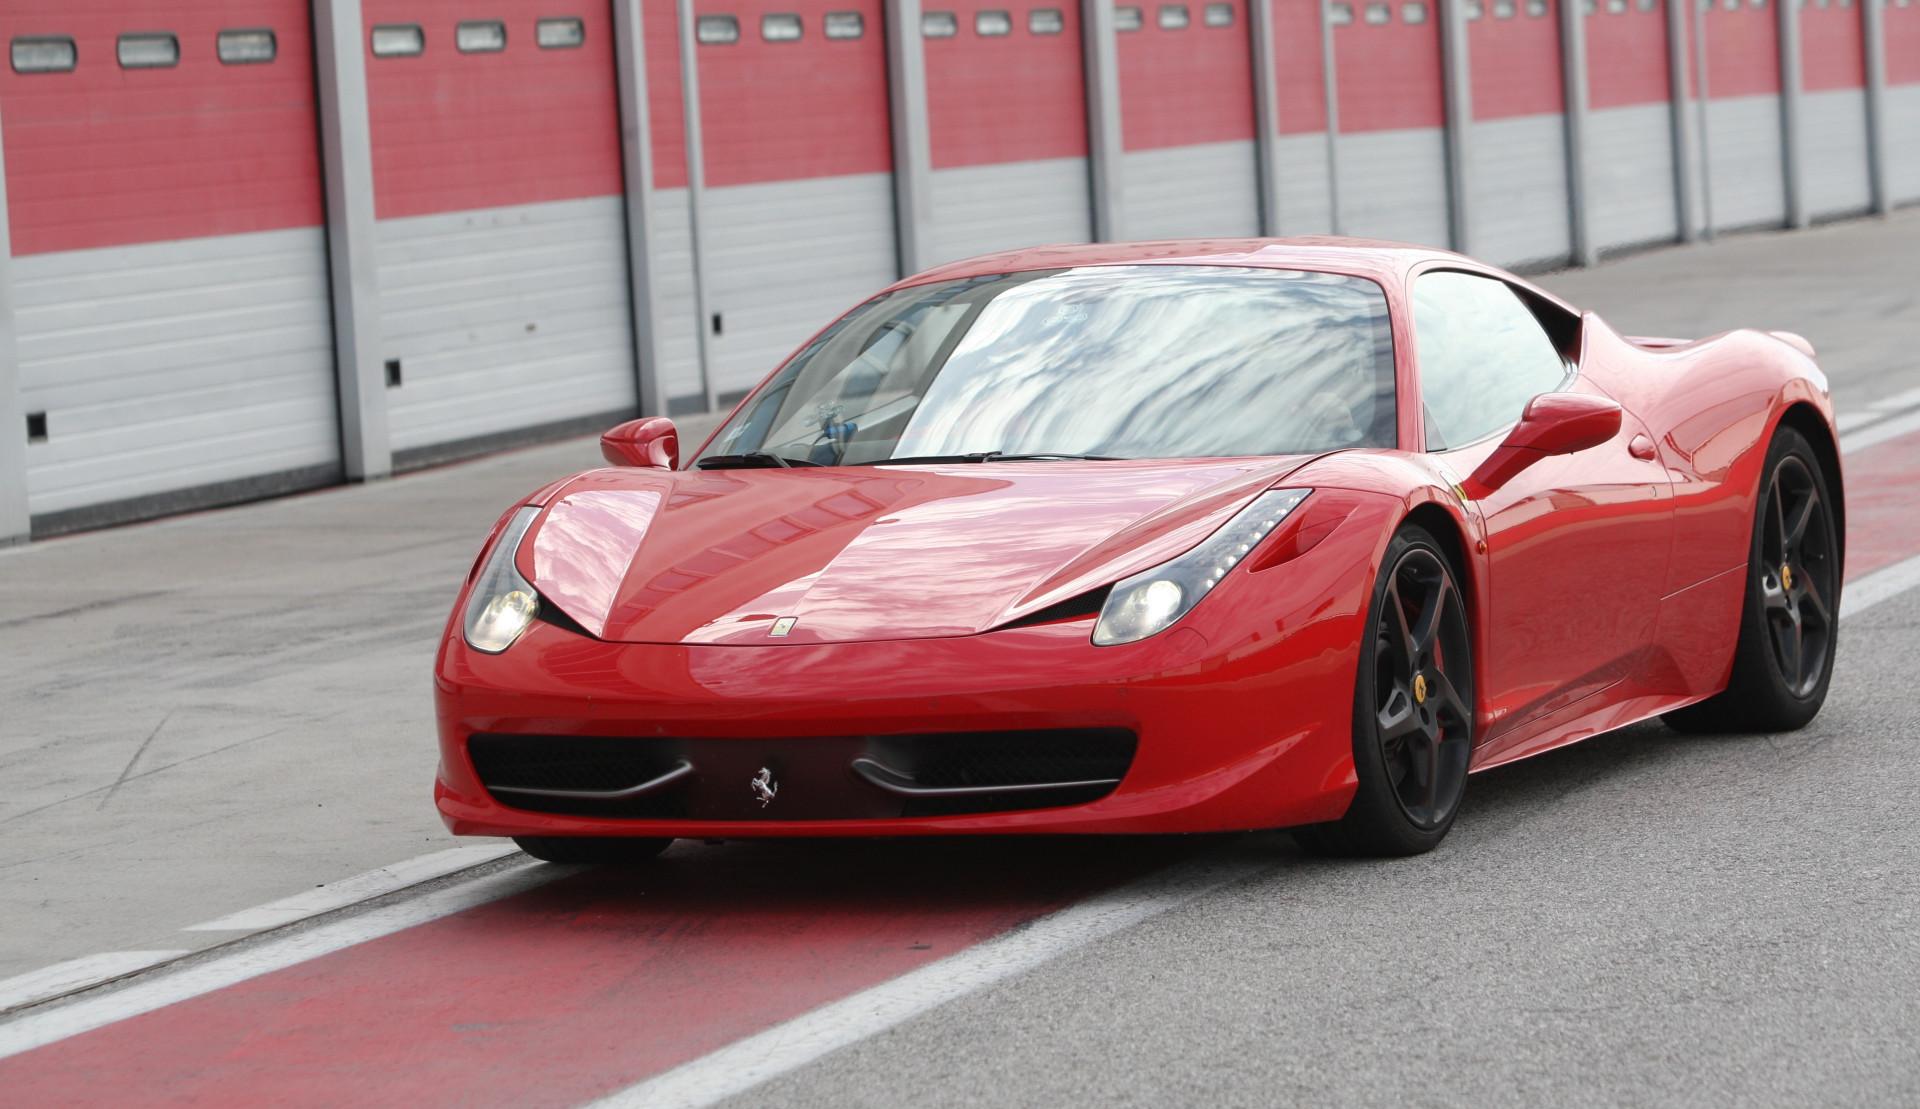 Guida sportiva in Ferrari all'Autodromo di Lombardore